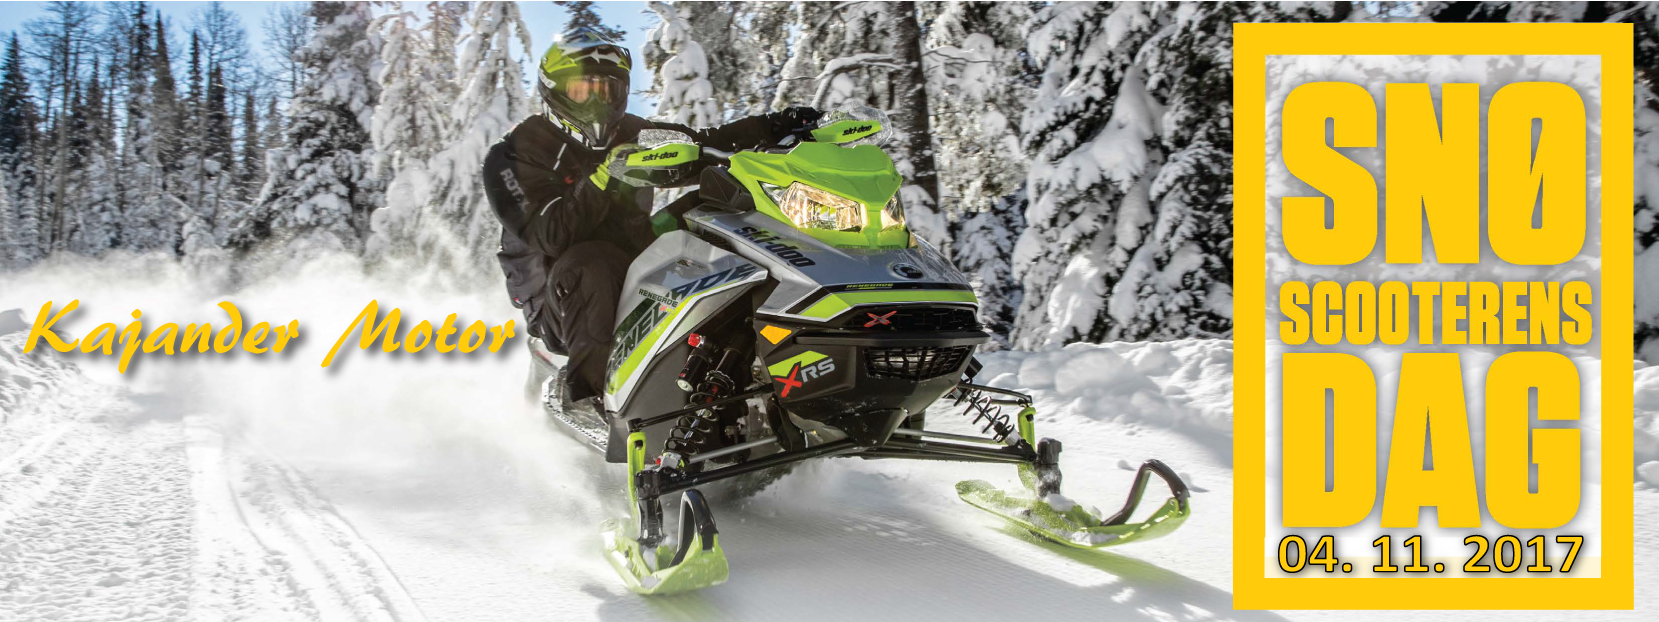 Snøscooterens Dag-2017_Ski-Doo-Lynx 2018_Kajandermotor.png